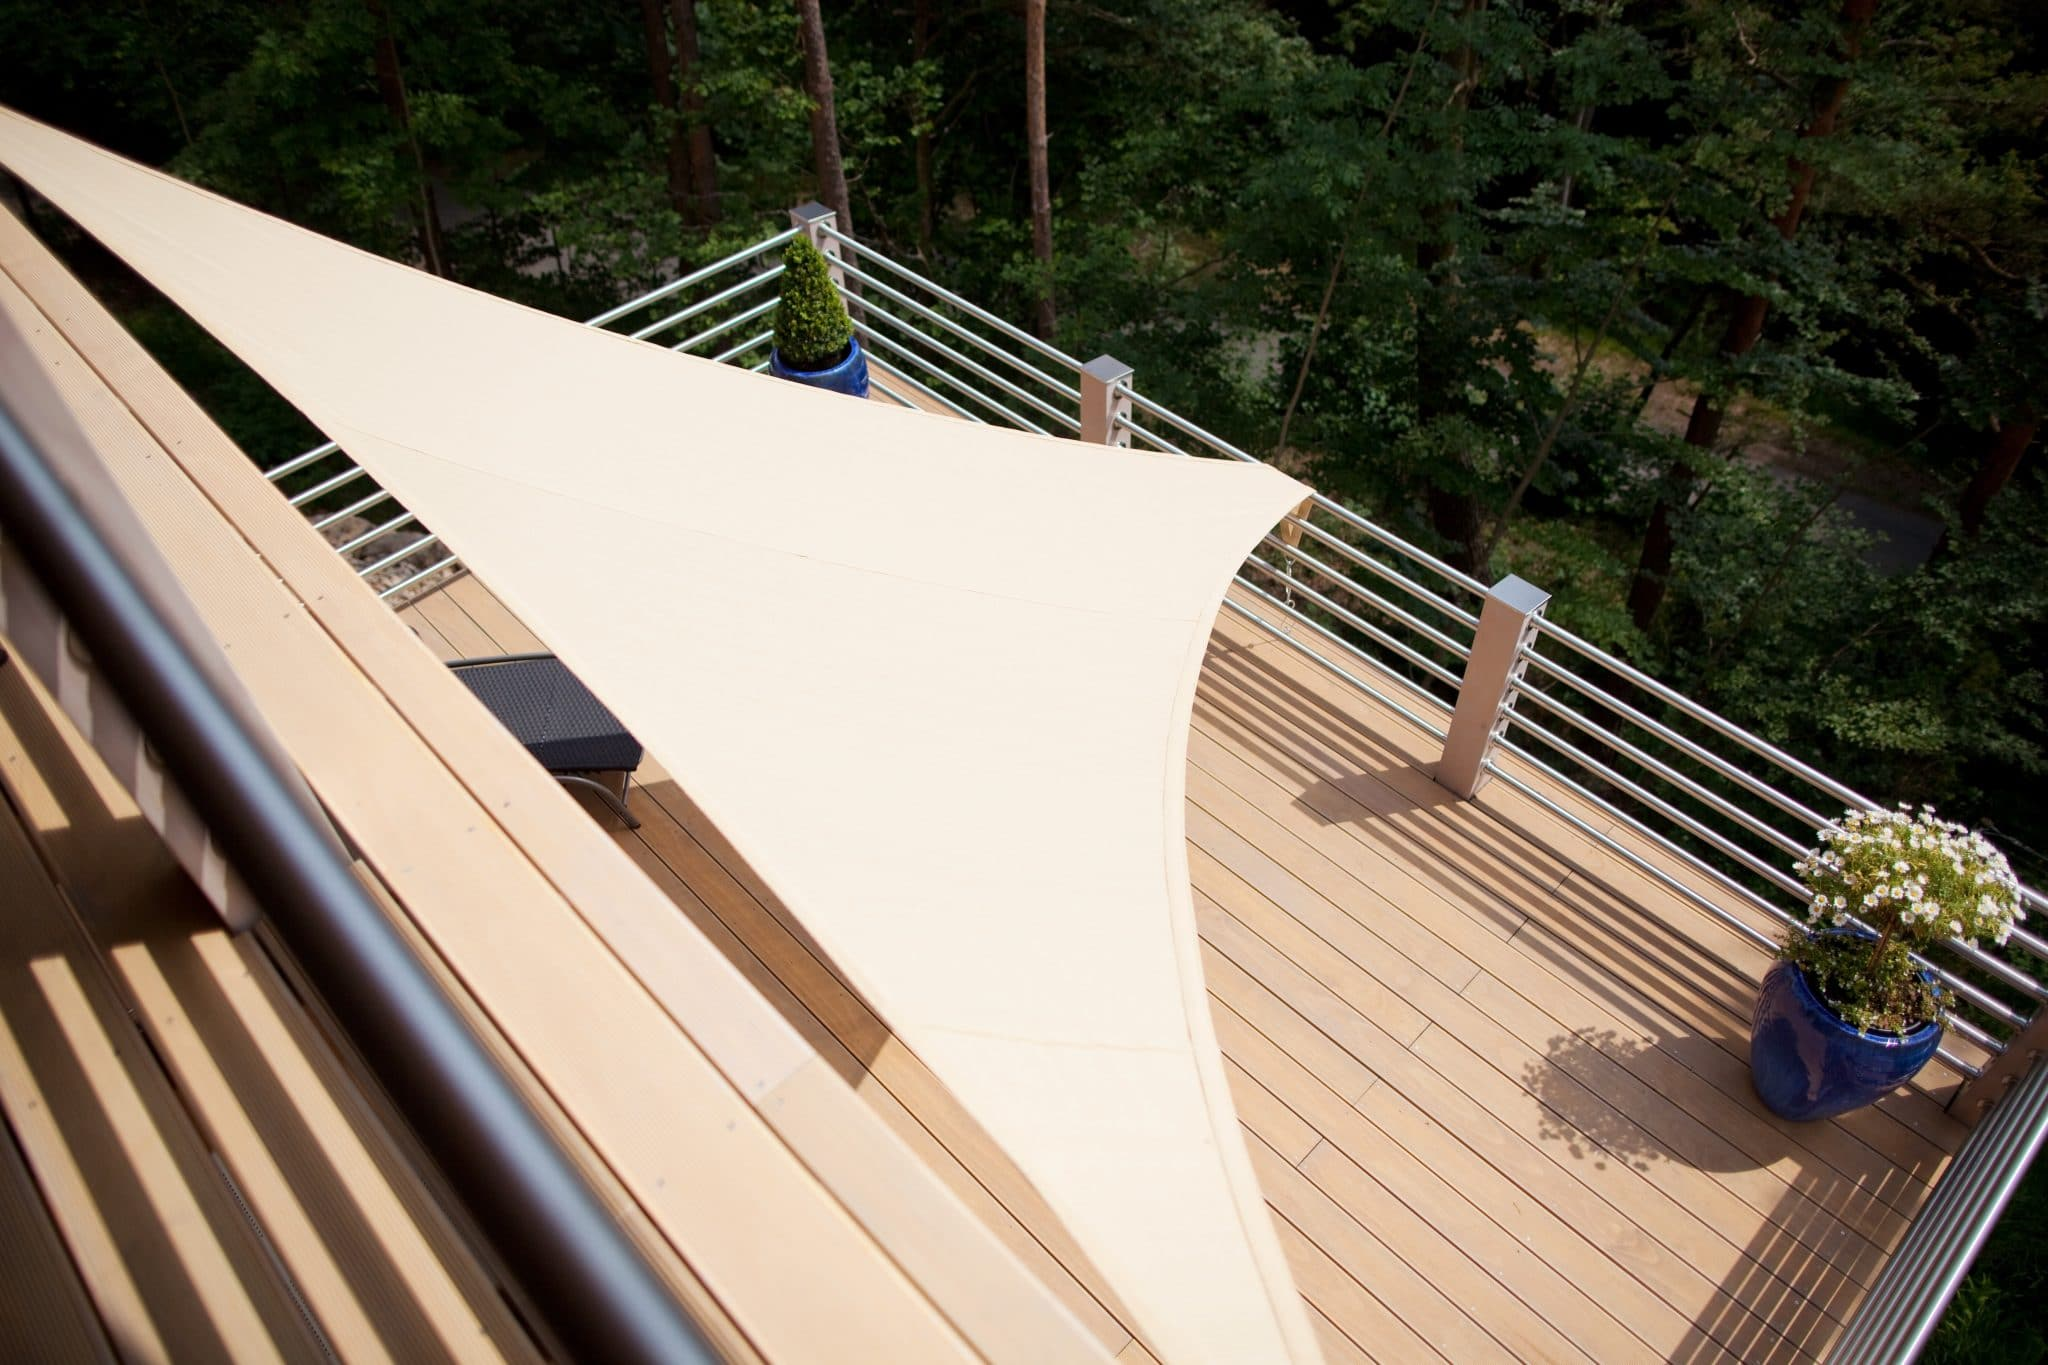 Terrasse suspendue : Comment la construire et à quel prix ?